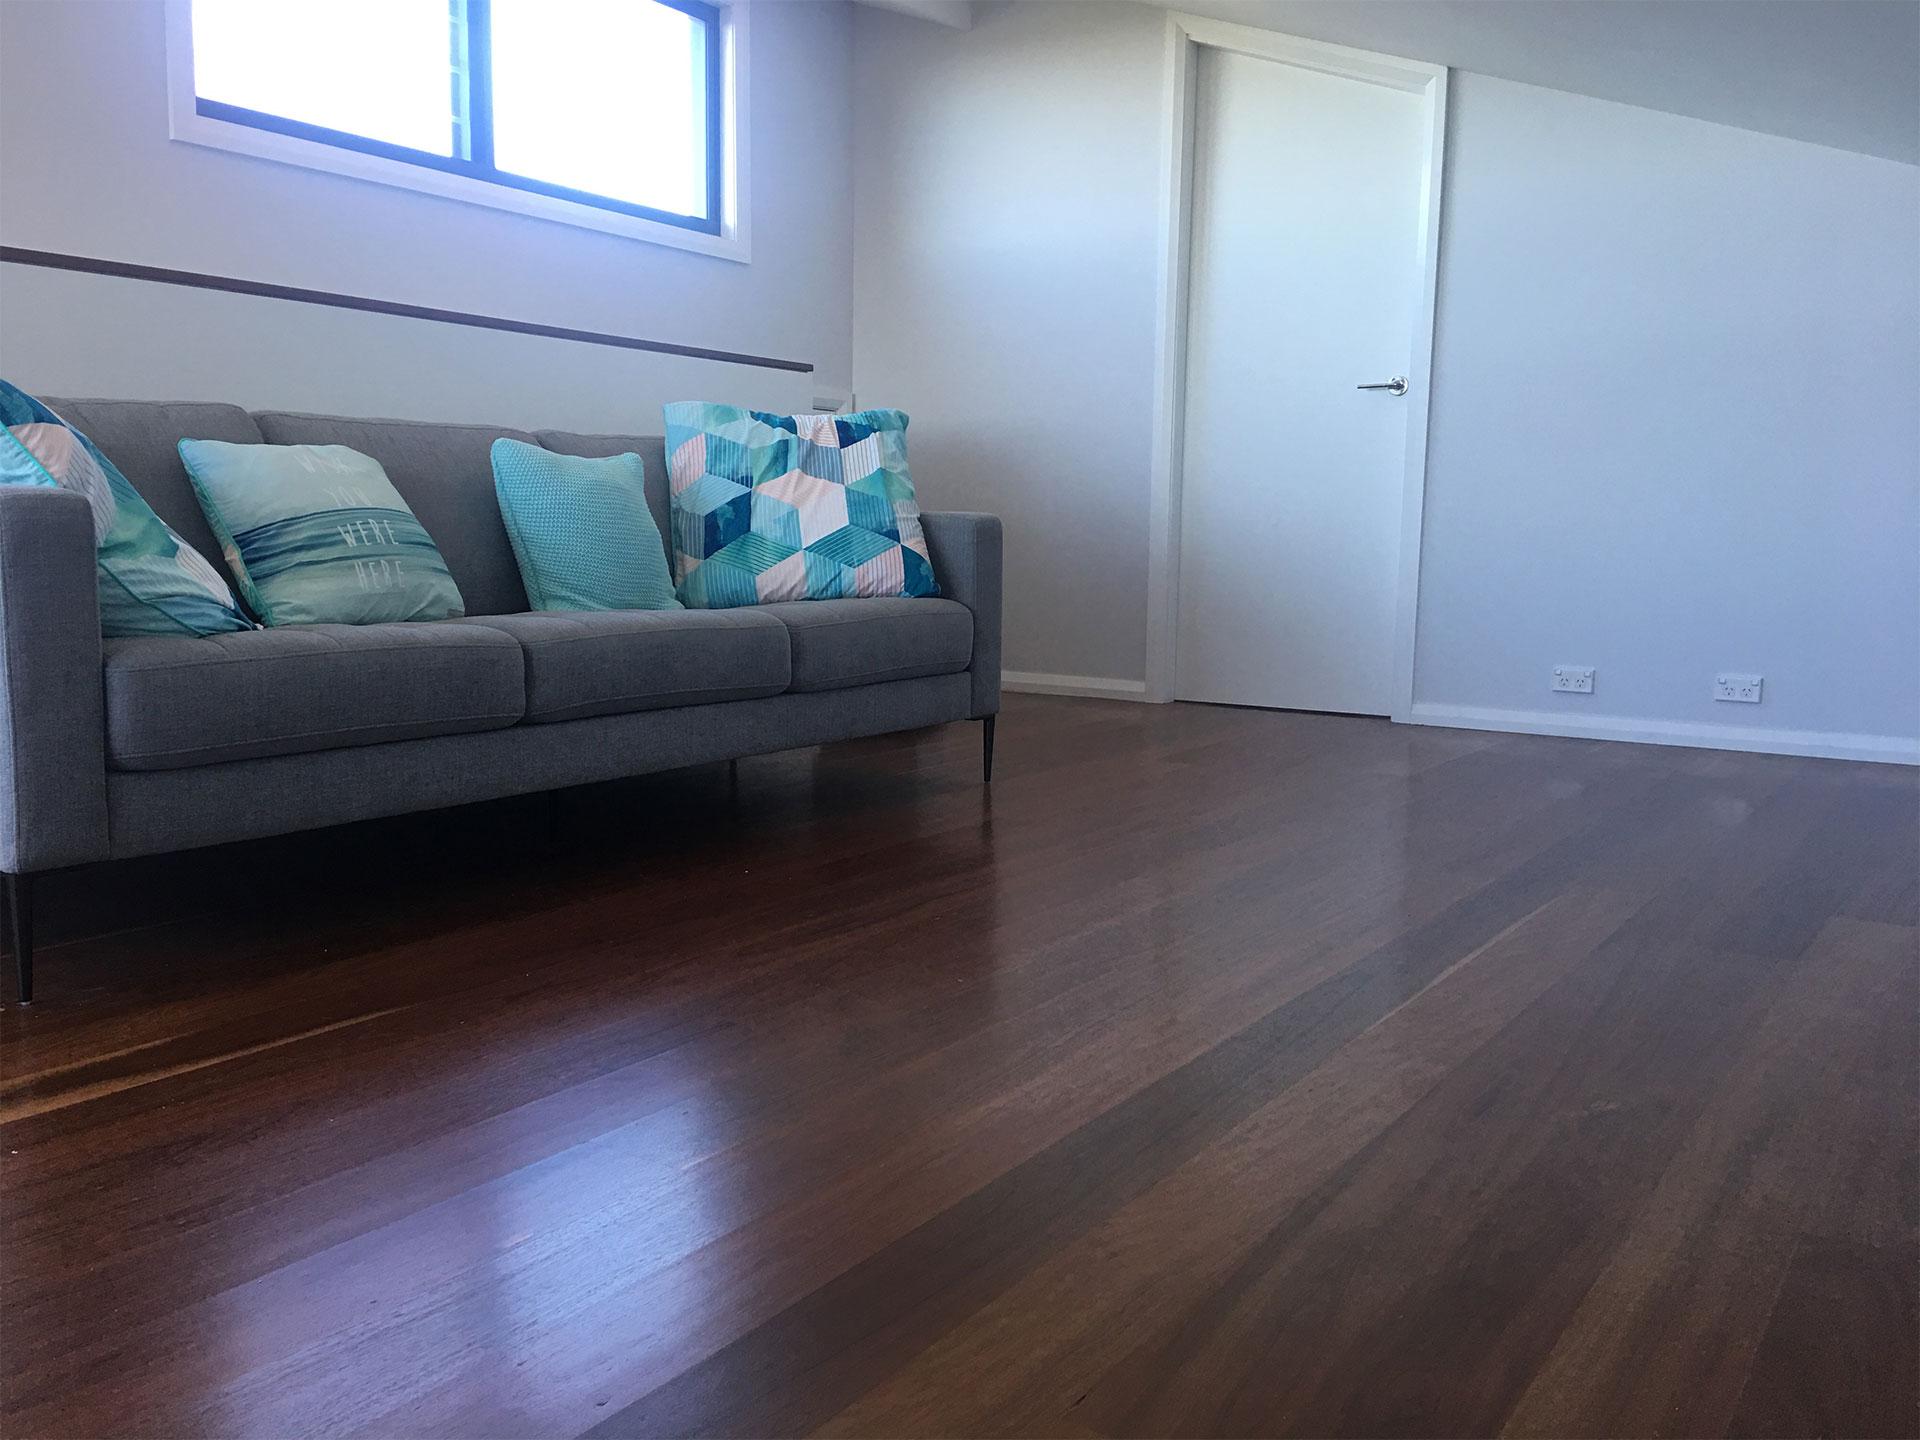 Under Timber Floor Heating